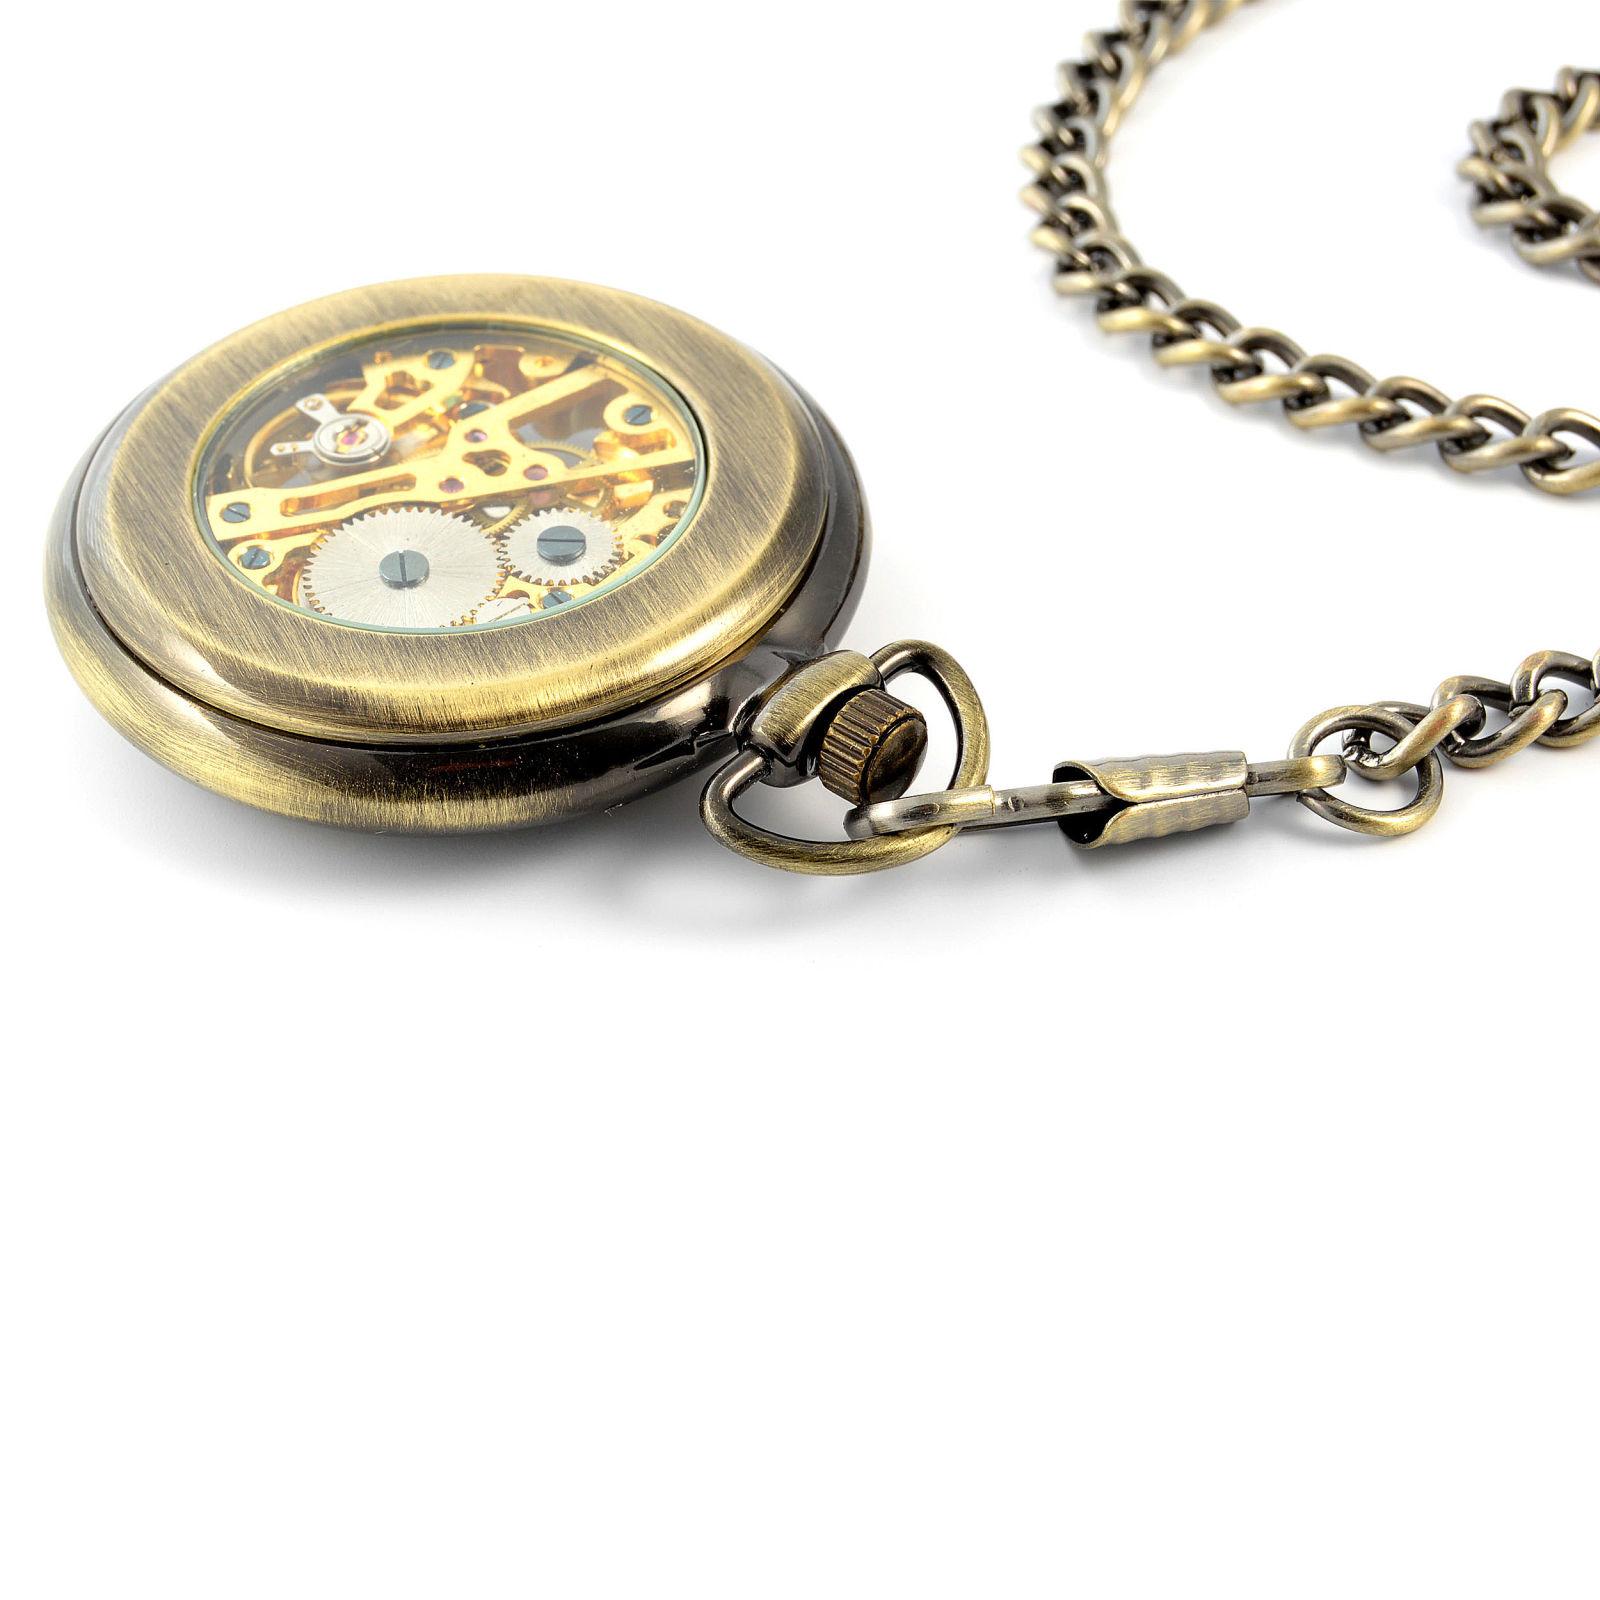 143035e1c5d Zlaté mechanické kapesní hodinky Retro